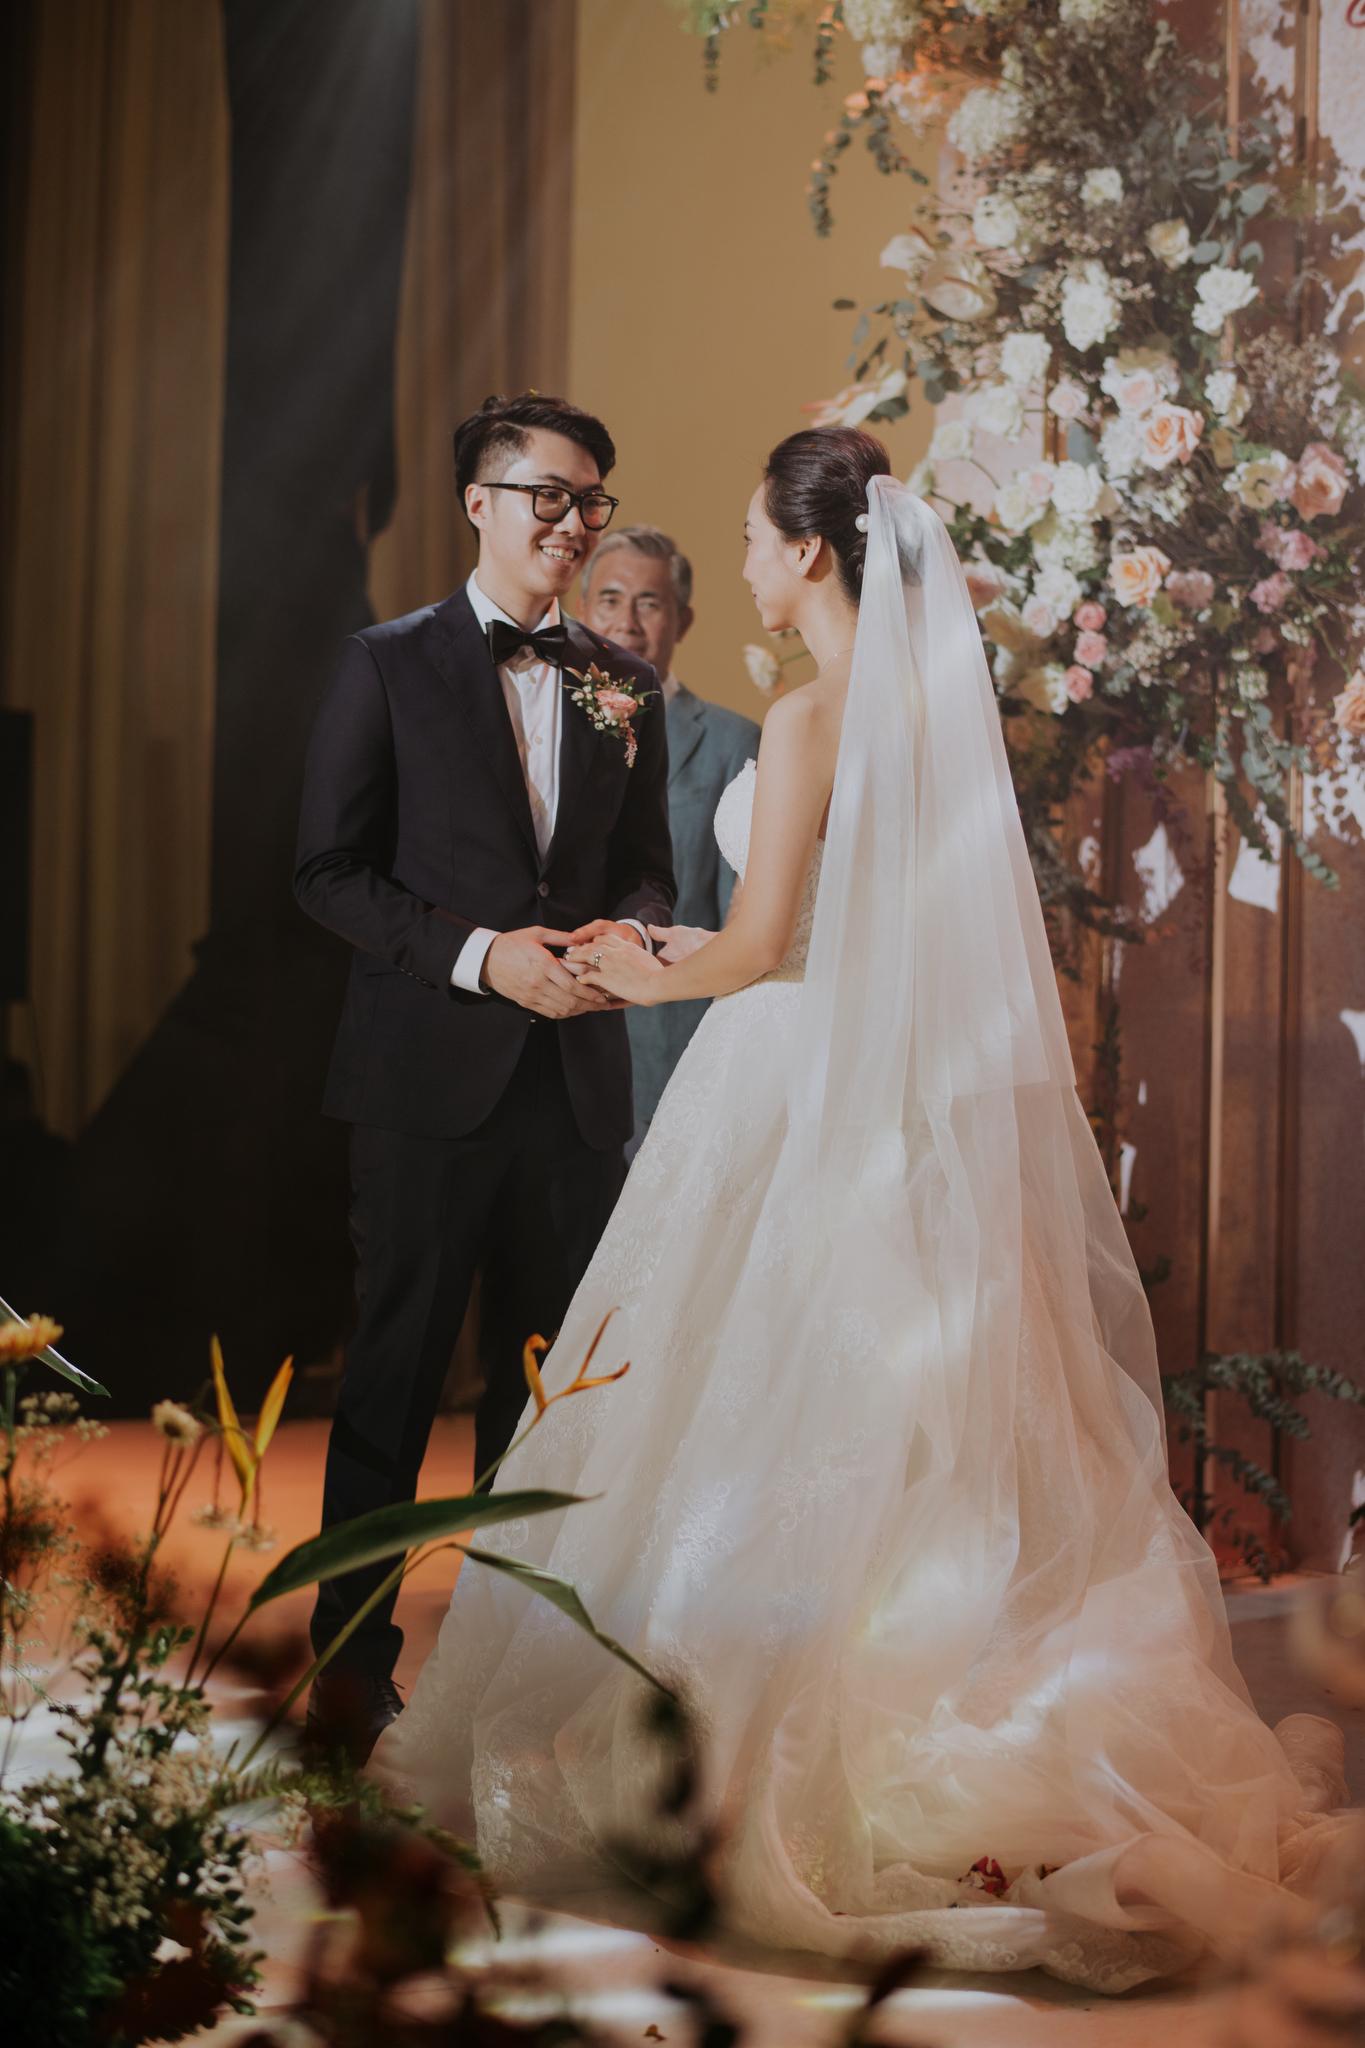 https://huk.s3.amazonaws.com/uploads/image/source/1444/Phuong-Diep-HN-Ceremony-2-0165.JPG